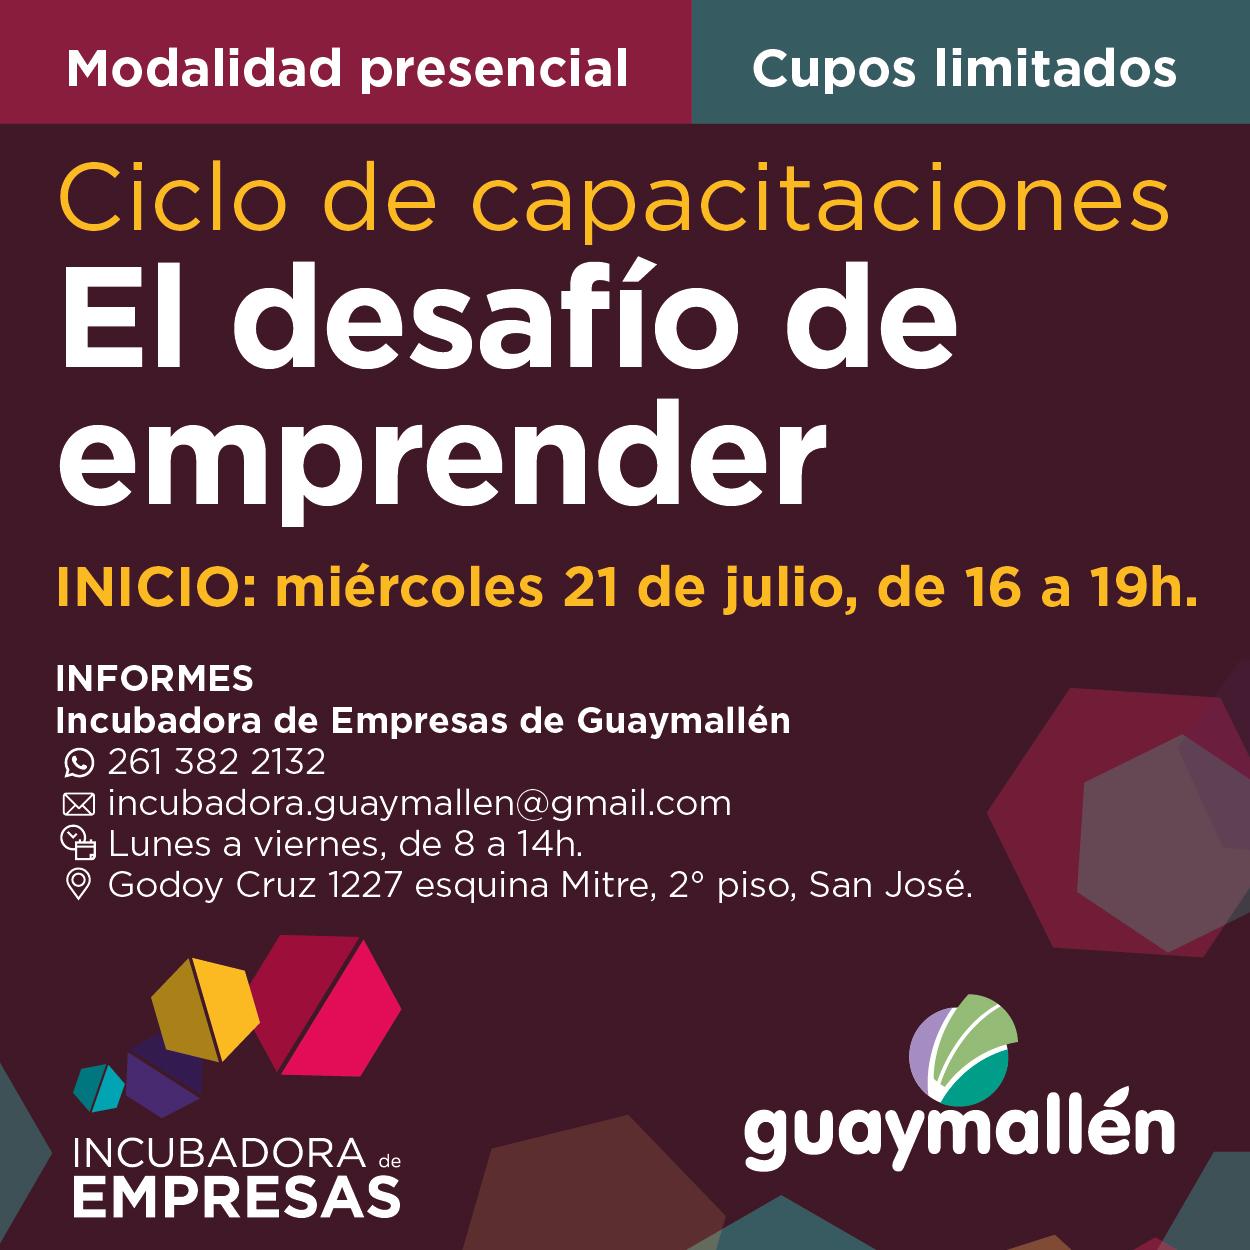 PLACA_incubadora_empresas_2-instagram